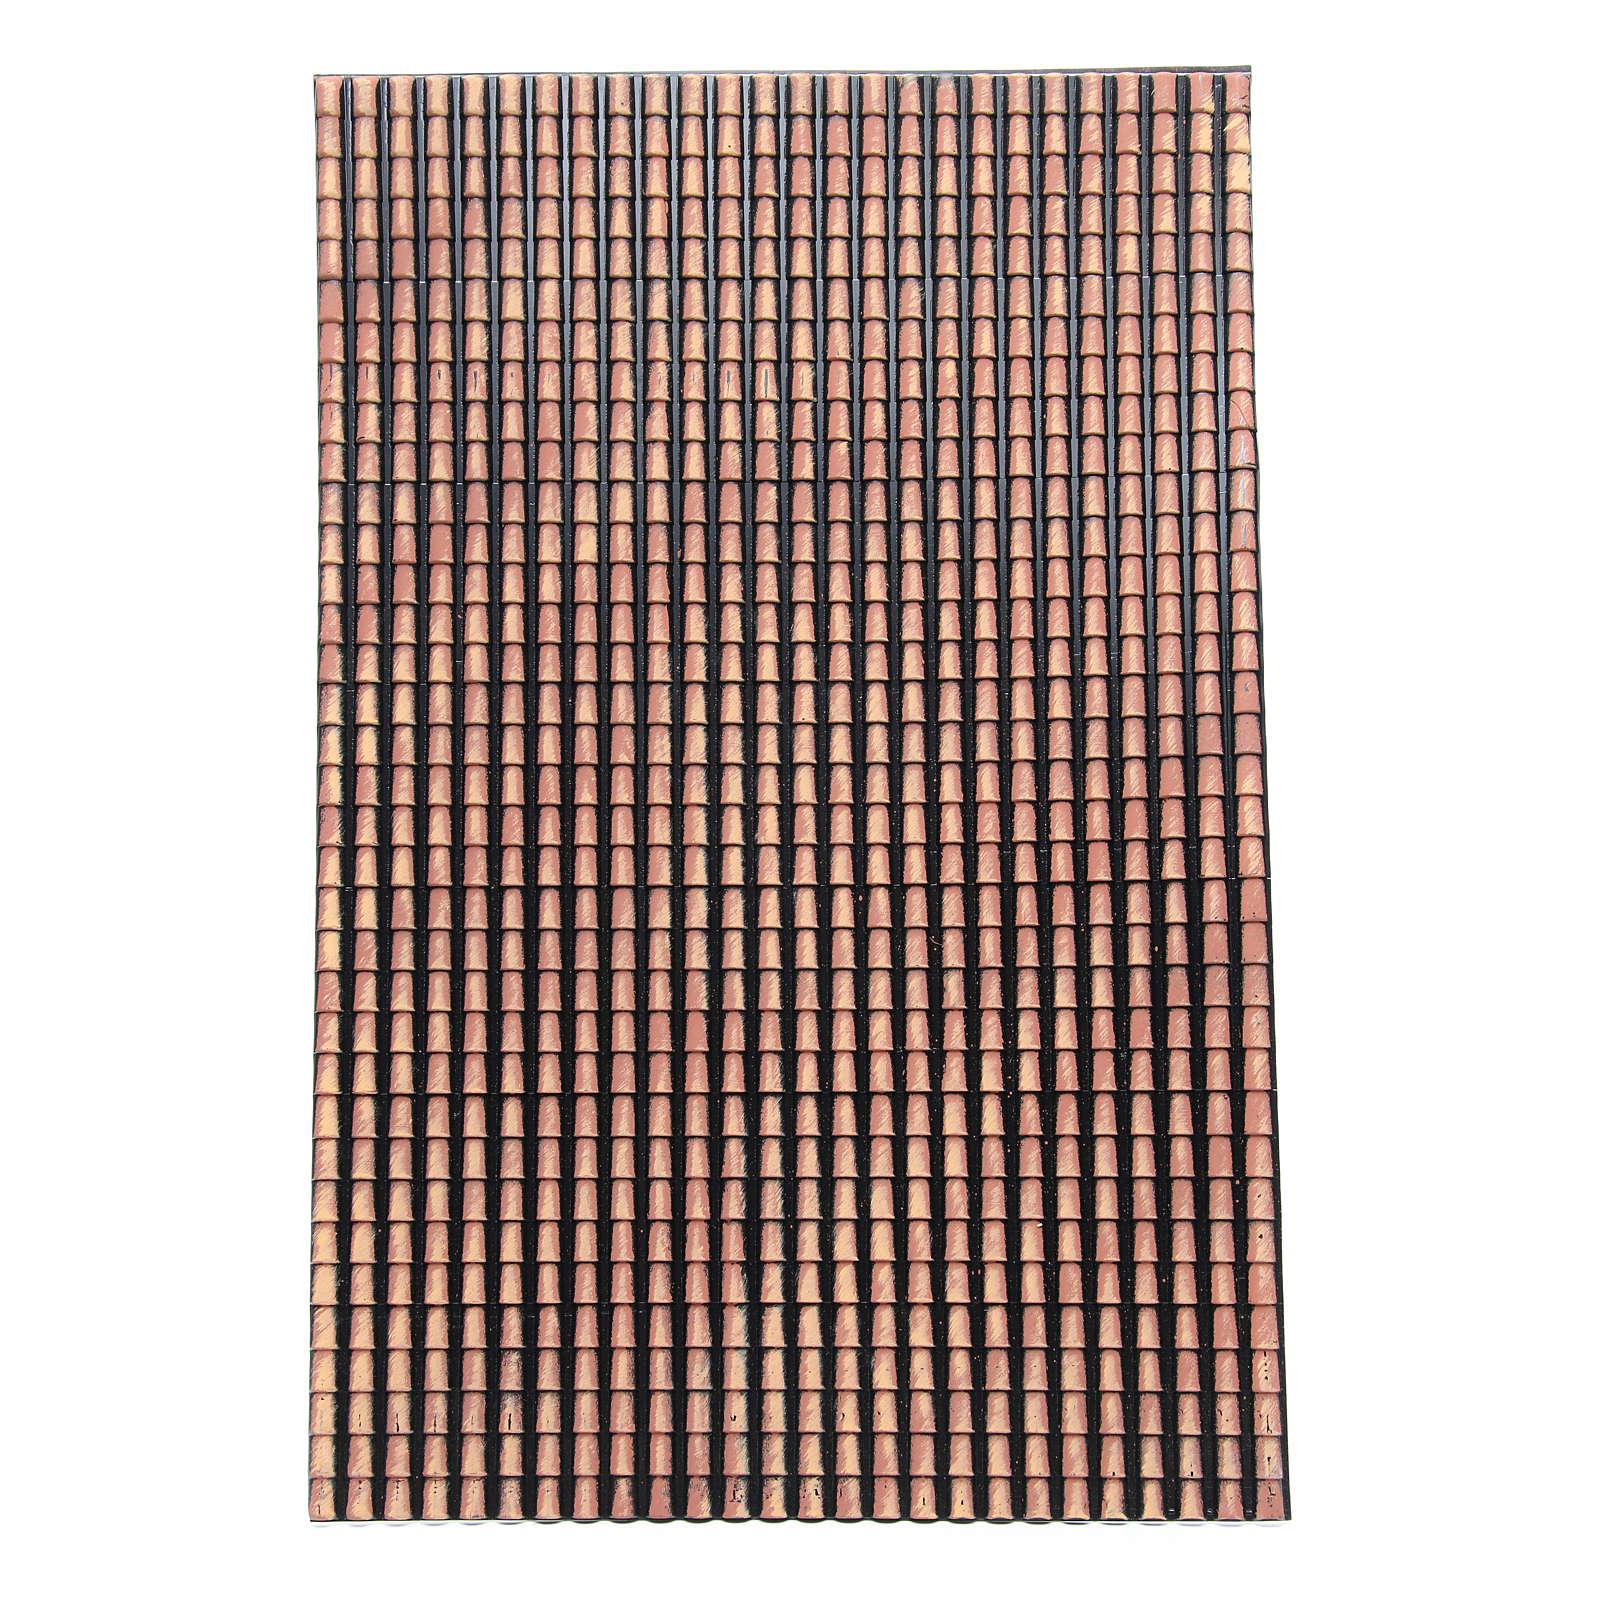 Toit crèche panneau tuiles rouges nuancées 70x50 cm 4